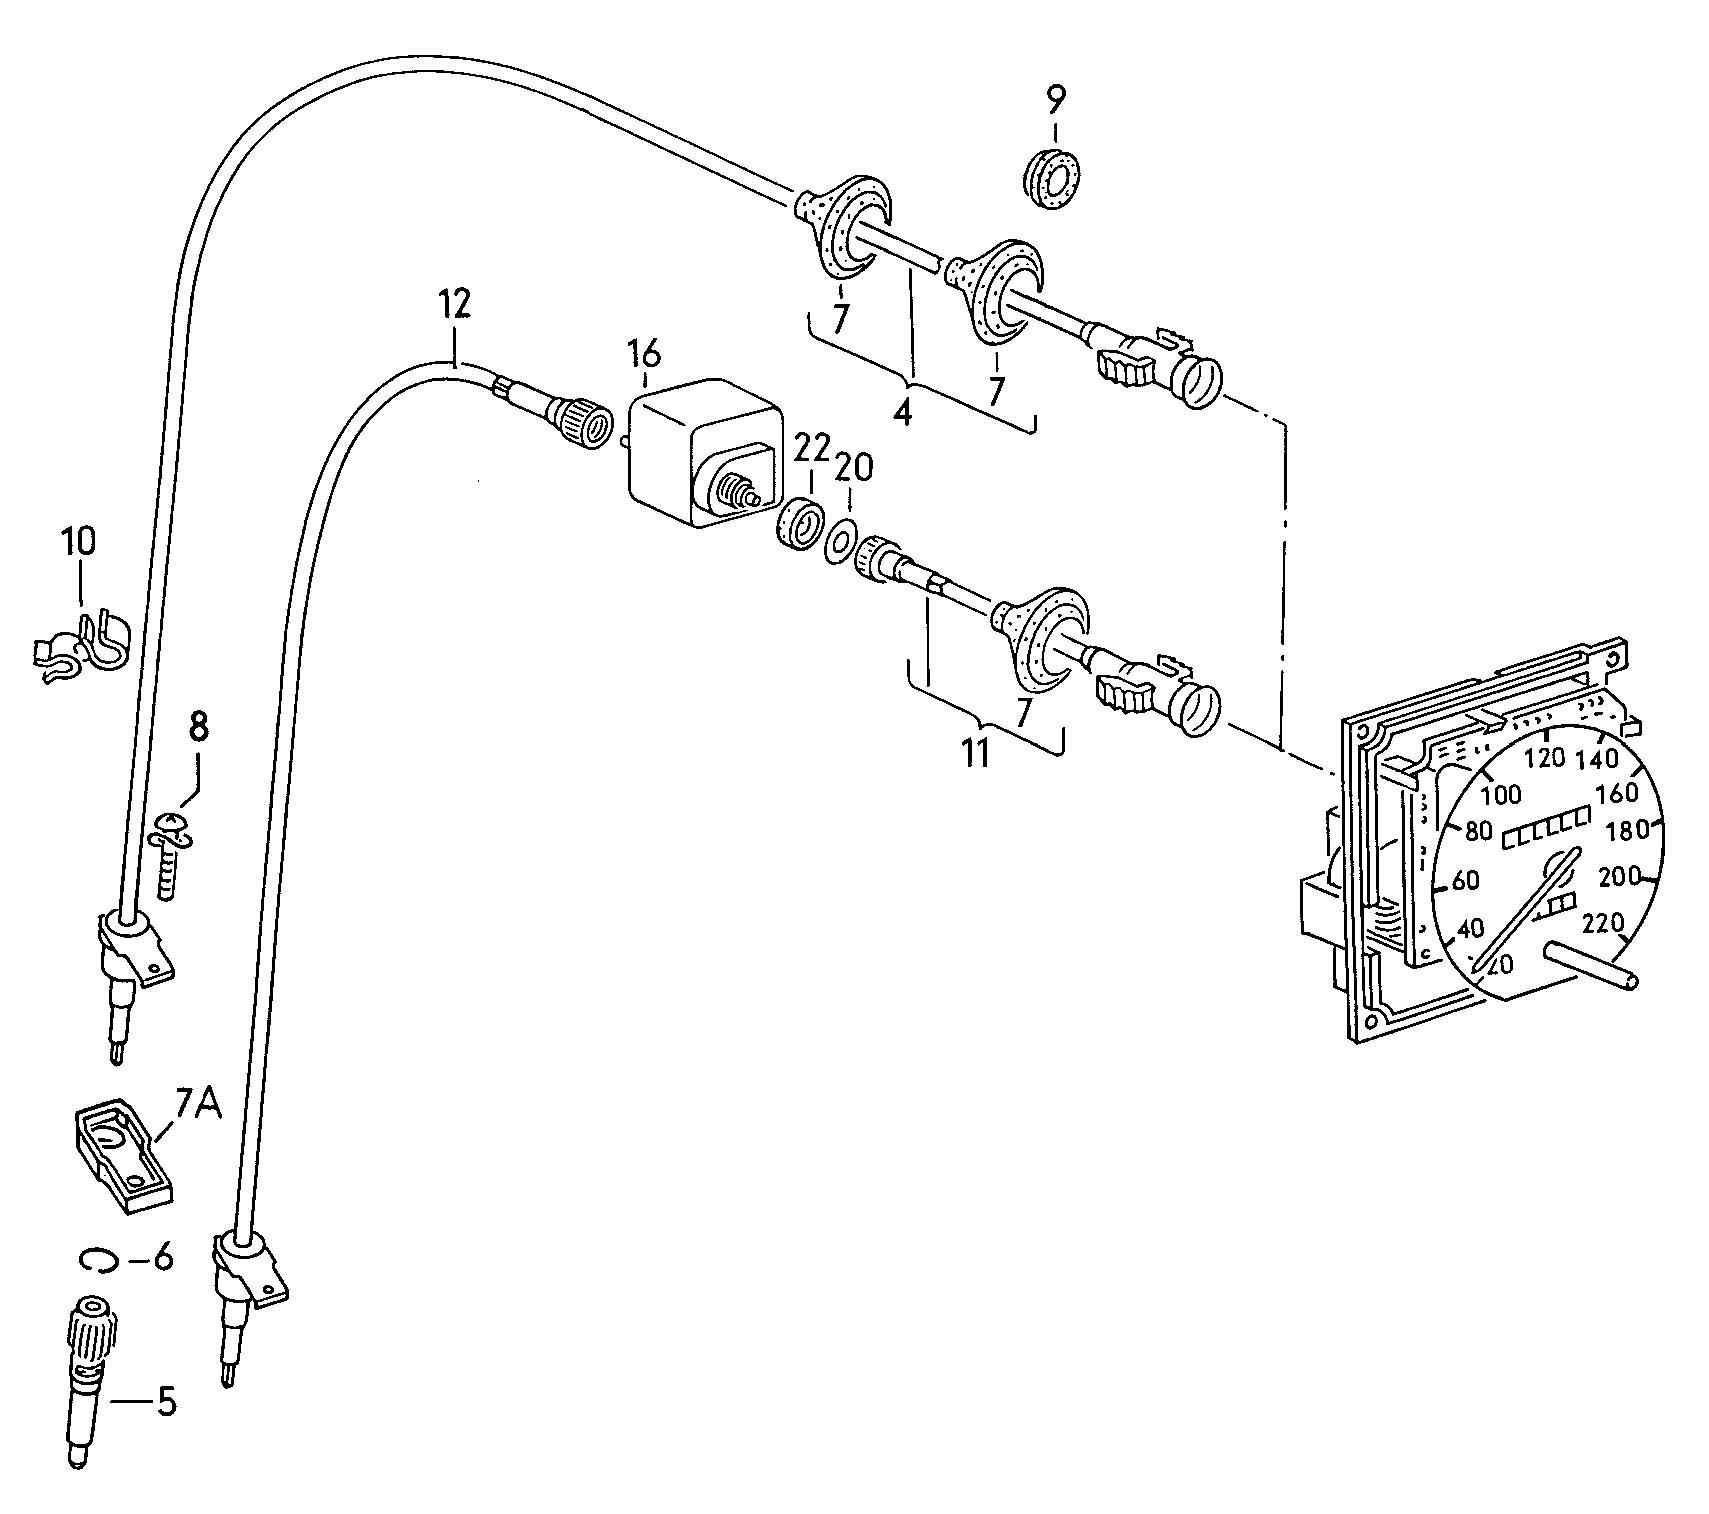 Napęd-zębatka linki licznika (prędkościomierza) Seat